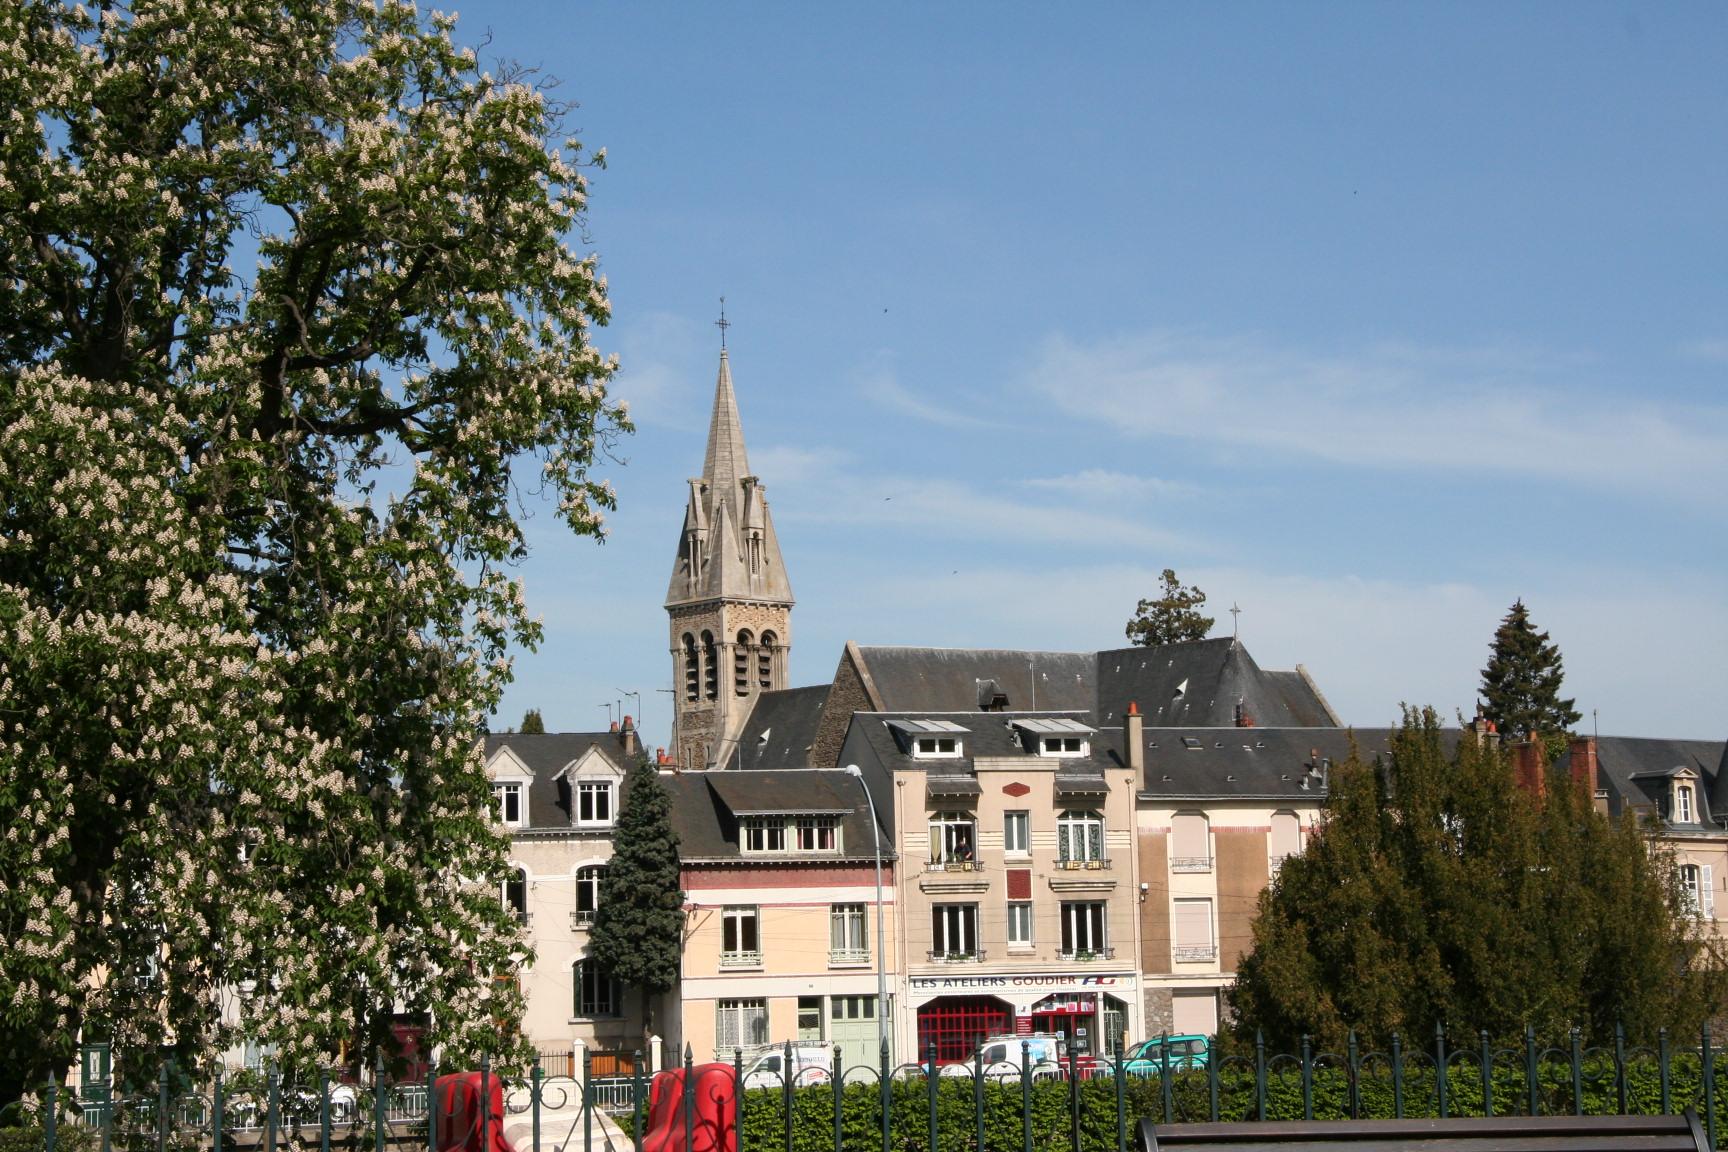 Le Mans en 2010 - Quai Louis Blanc - Vue sur l'église Notre-Dame du Pré 02 (Sylvie Leveau)